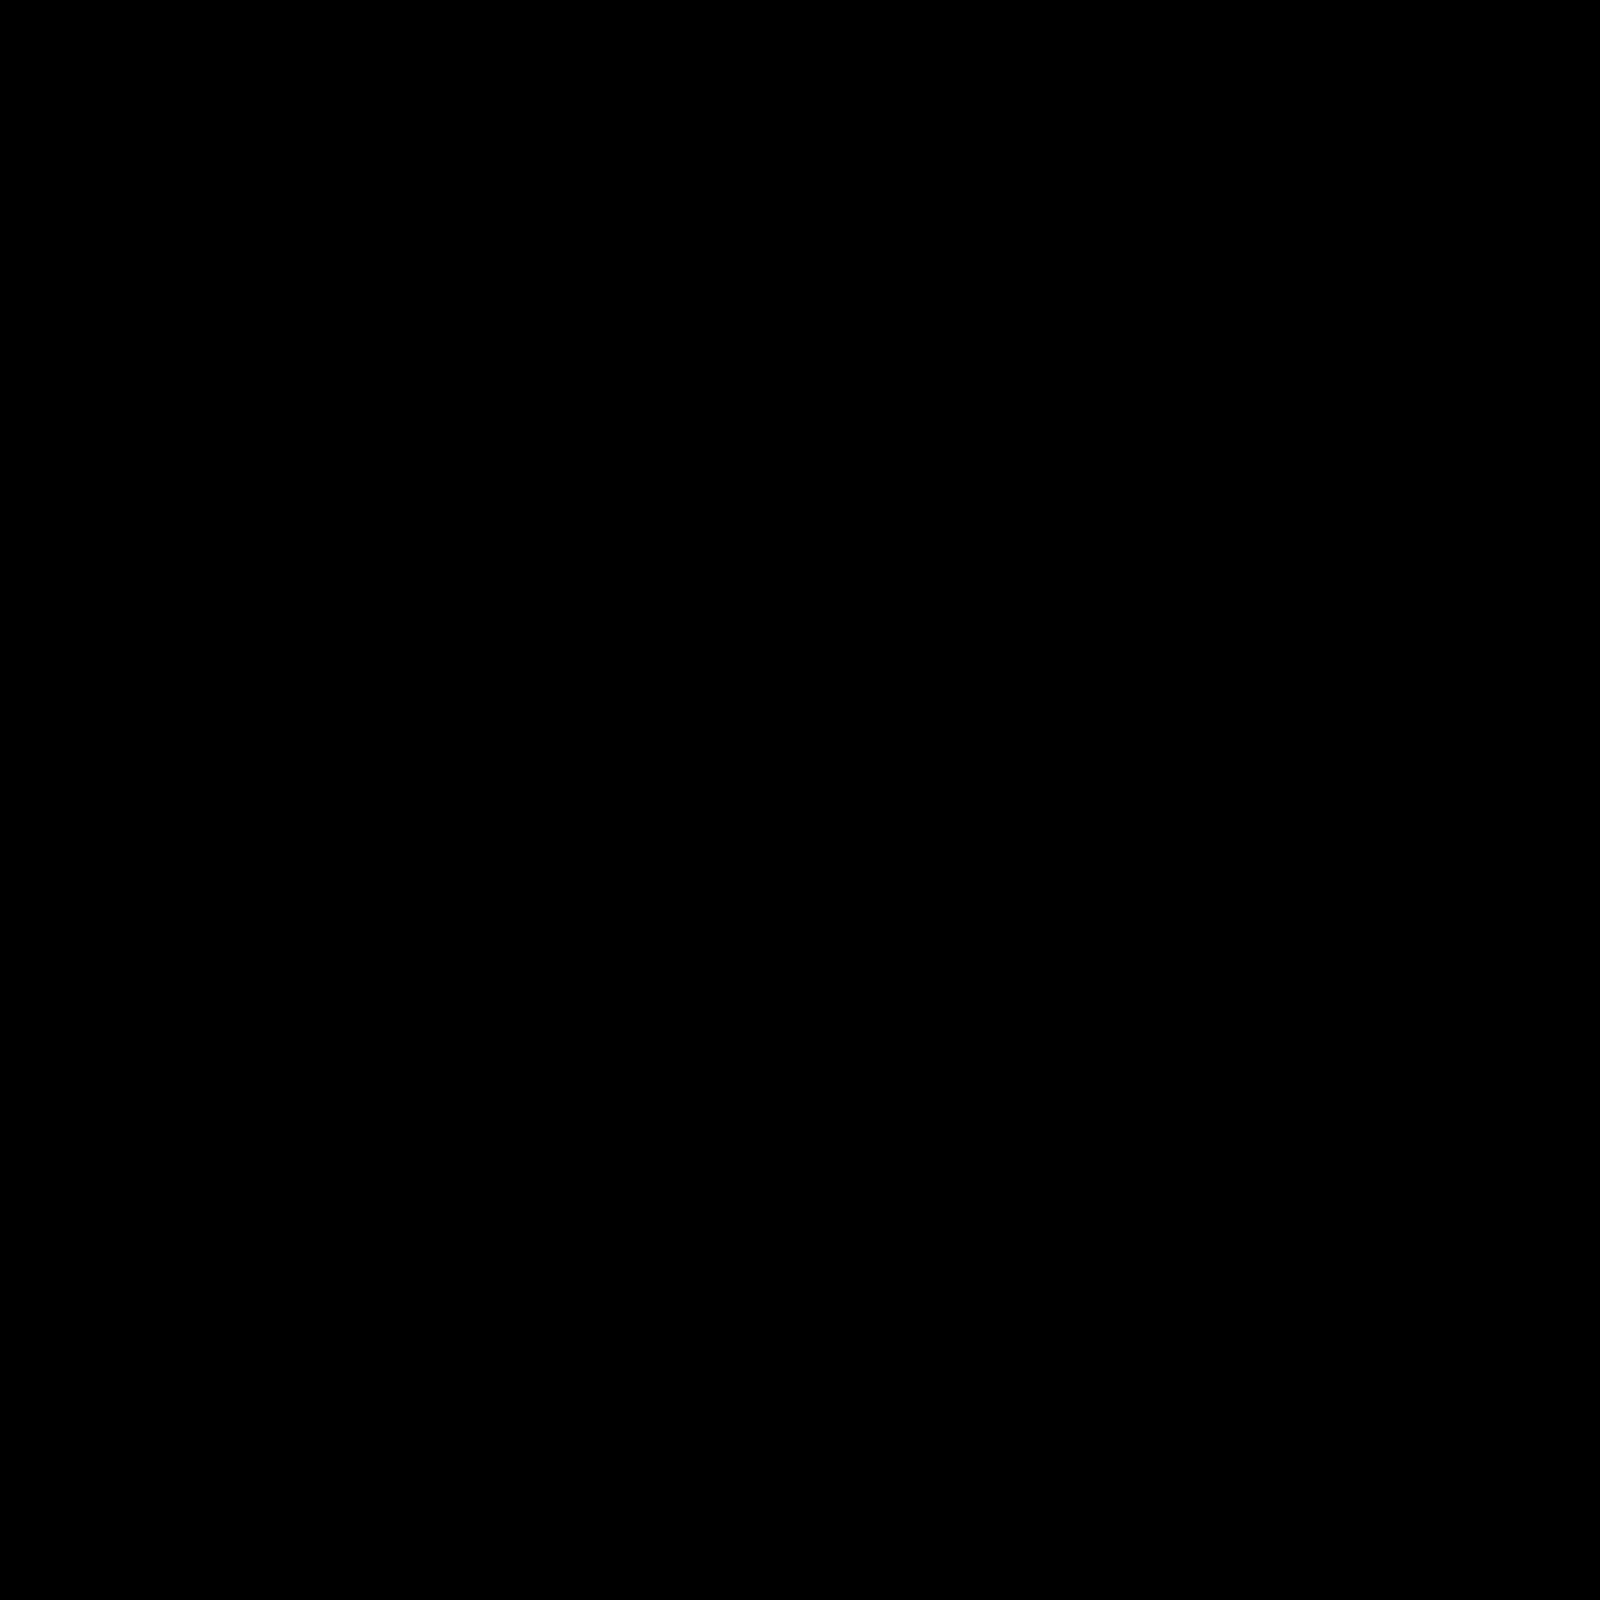 ファイルを分割 icon. This icon represents split files. It is two sqaures combined together at the top left corner of one and the right bottom corner of the other. Each square has an arrow in it pointing in the opposite of each other, one pointing towards the right bottom corner and one towards the left top corner.